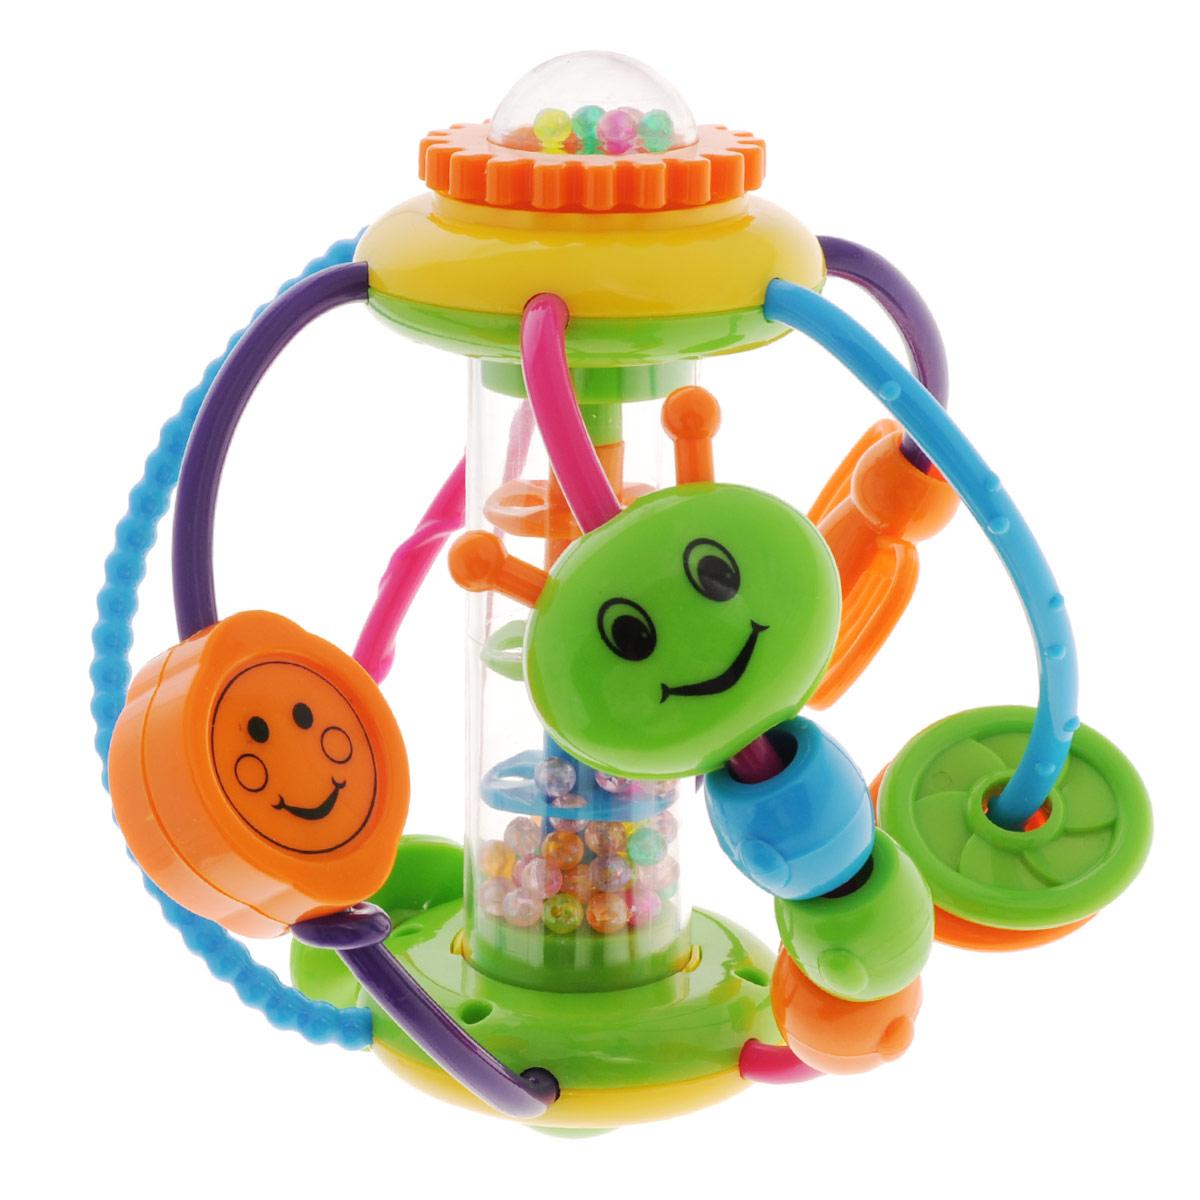 Погремушка-игровой центр Mioshi ГусеницаTY9065Забавная погремушка Mioshi Гусеница поможет вашему крохе научится фокусировать внимание, даст первые представления о категориях формы и цвета, поспособствует развитию слуха, зрения и мелкой моторики. С первых месяцев жизни малыш начинает интересоваться яркими, подвижными, звонкими предметами, ведь они являются его главными помощниками в изучении нашего удивительного мира. Улыбающаяся мордашка гусенички-погремушки и яркие по цвету, подвижные и звонкие игровые аксессуары развивающего центра вызывают у детишек неподдельный интерес и массу положительных эмоций. Красивую и приятную на ощупь игрушку детишкам можно не только держать в ручках, но и просто катать по полу, как мячик, а затем ползти за ней. Игрушка изготовлена из современных и гипоаллергенных материалов.